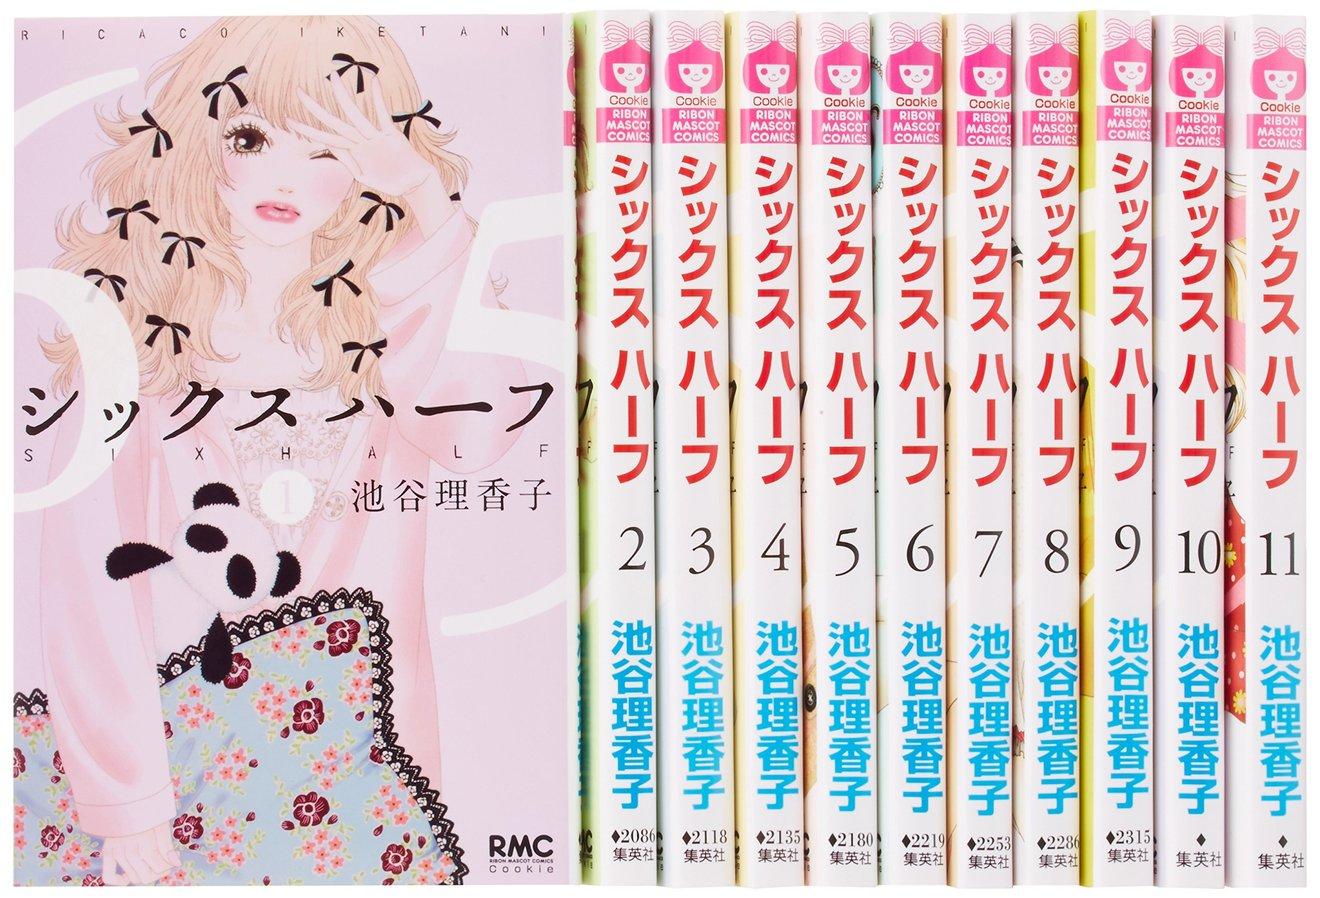 絶対に面白い兄妹漫画5冊!男女におすすめの厳選作品!